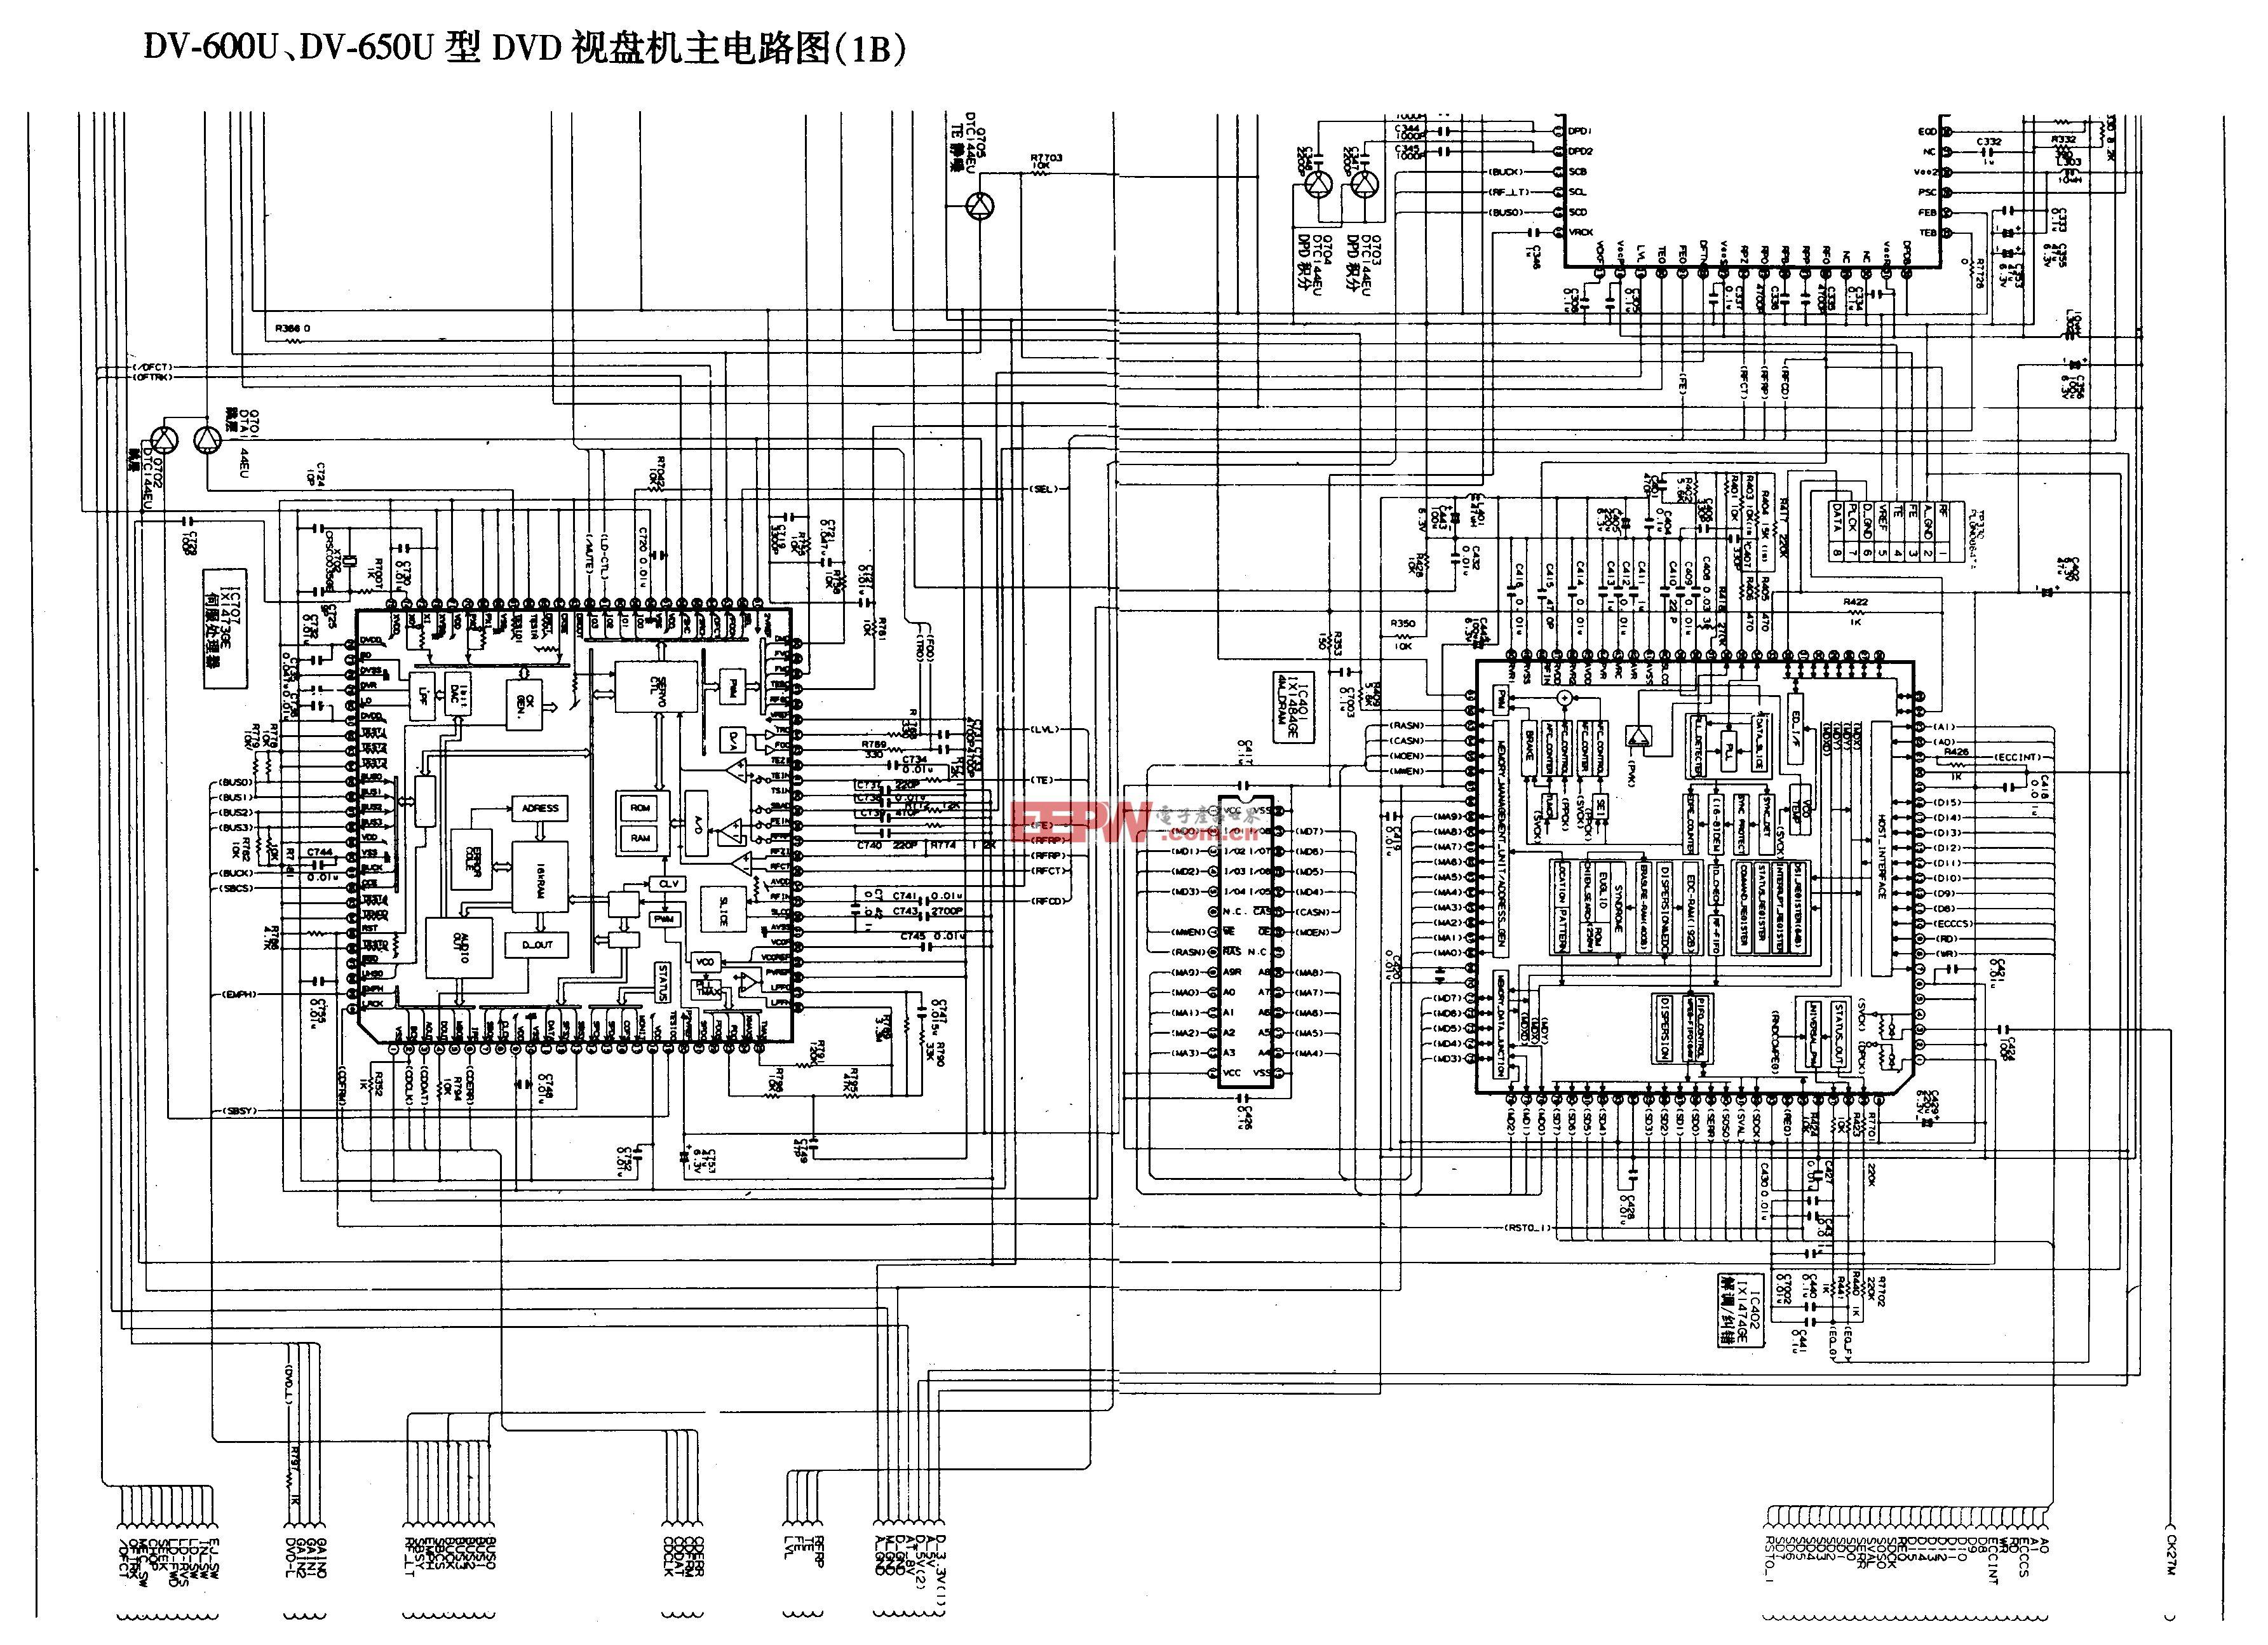 SHARP DV-600U、DV-650U型DVD-主电路图1B